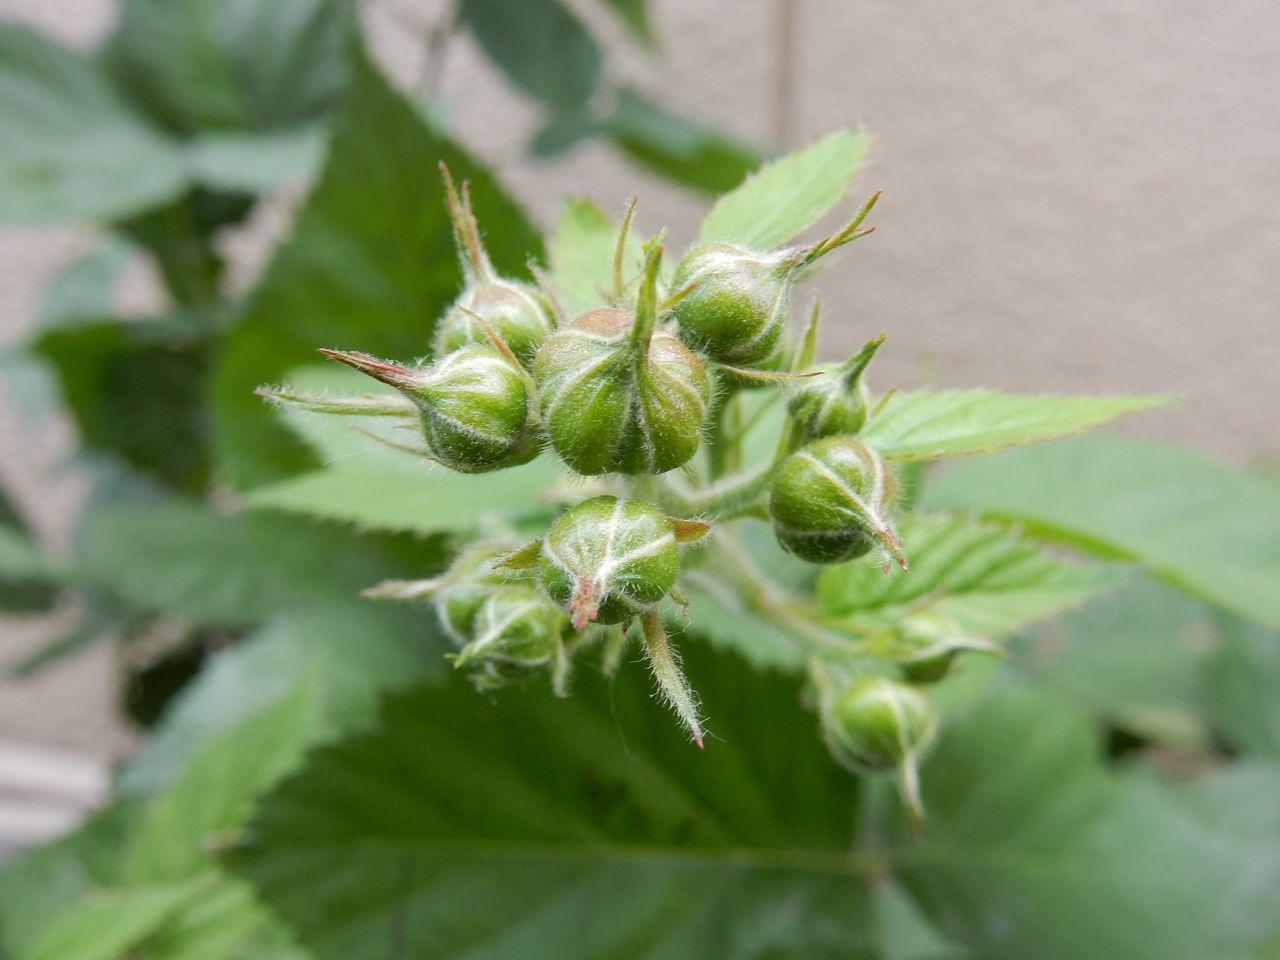 花落ちてナツツバキの季節が始まったことを知る_c0025115_22102237.jpg